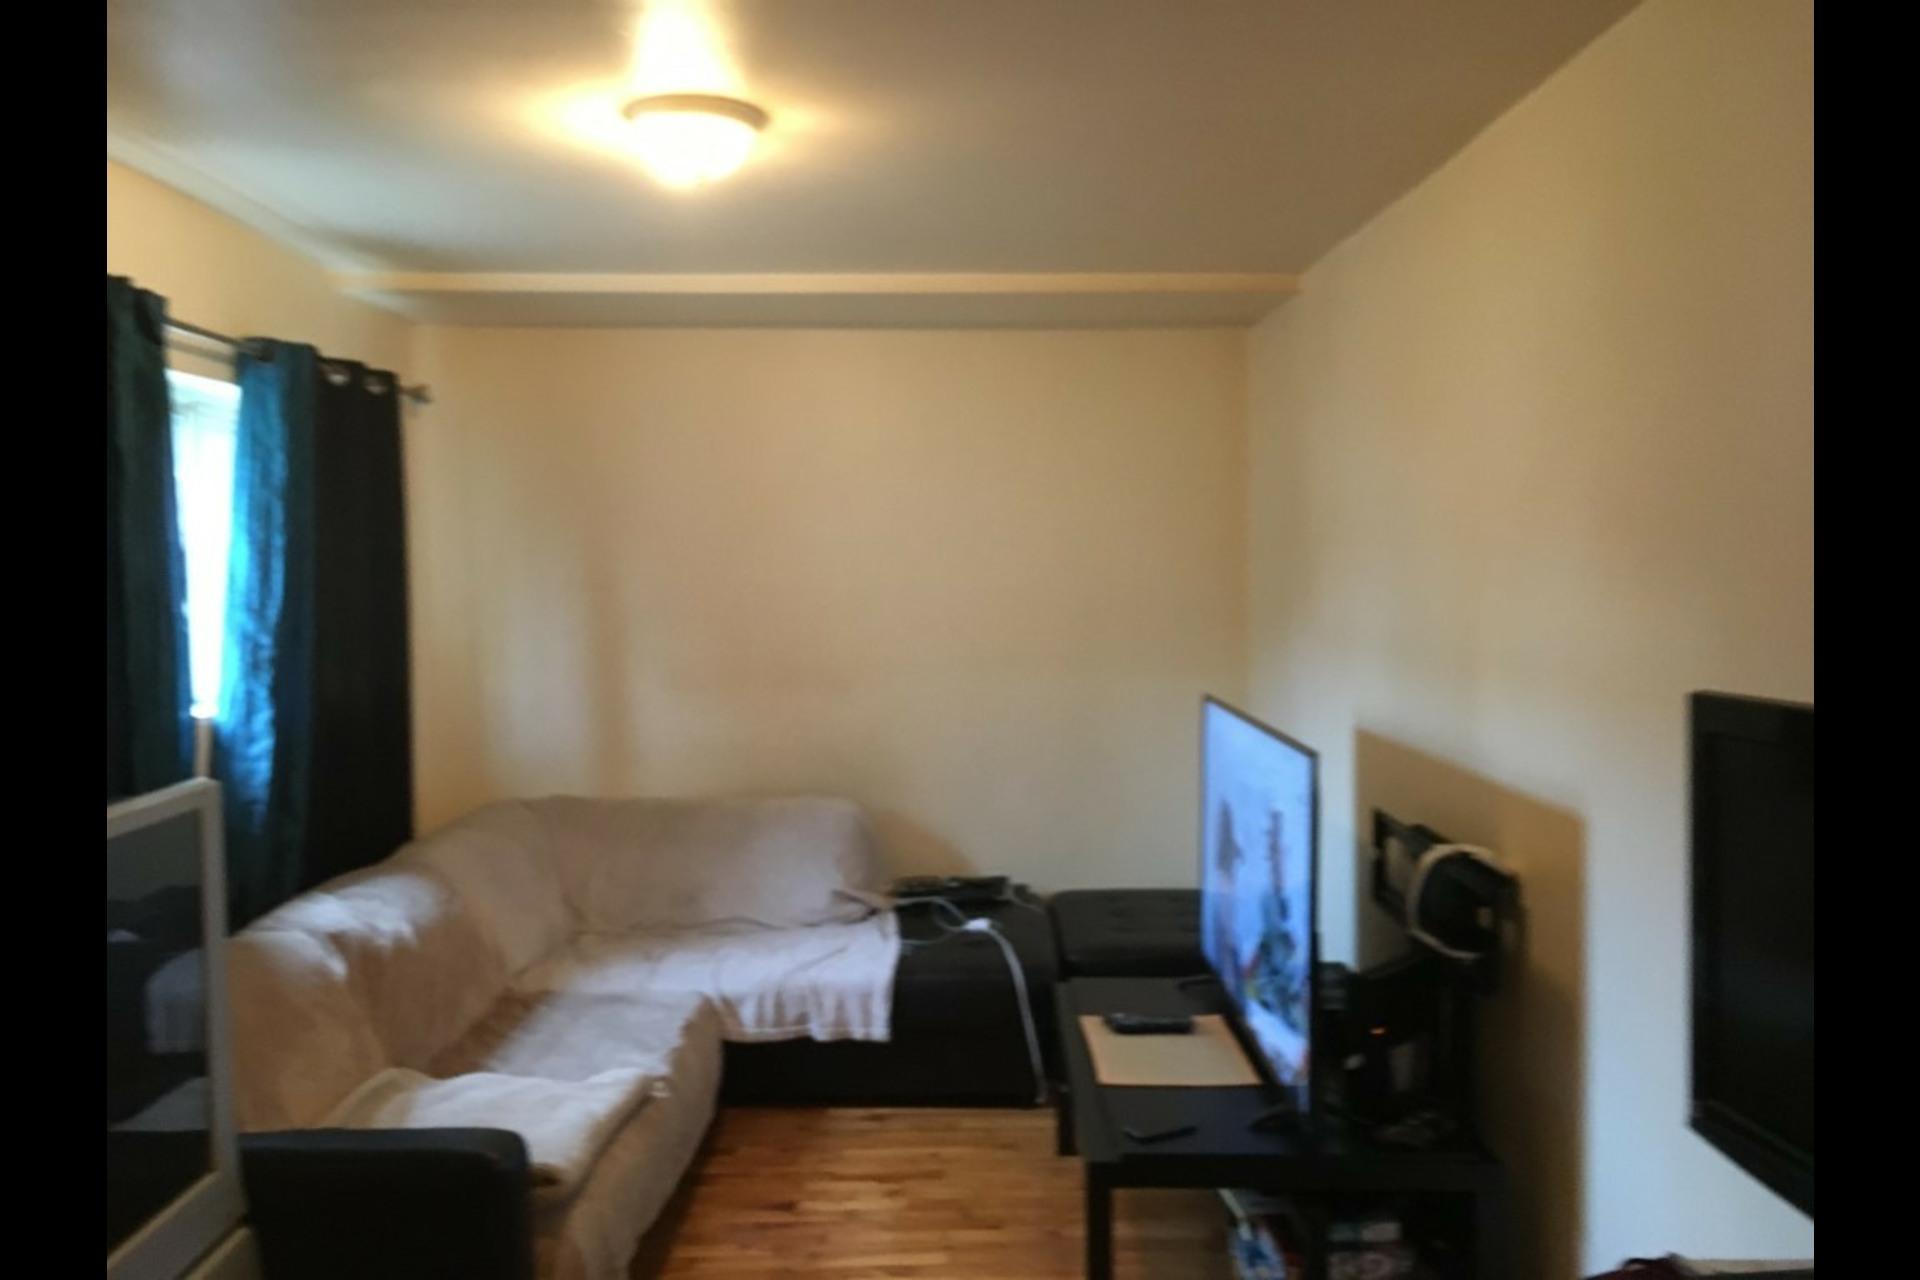 image 3 - Appartement À louer Montréal Saint-Leonard - 3 pièces